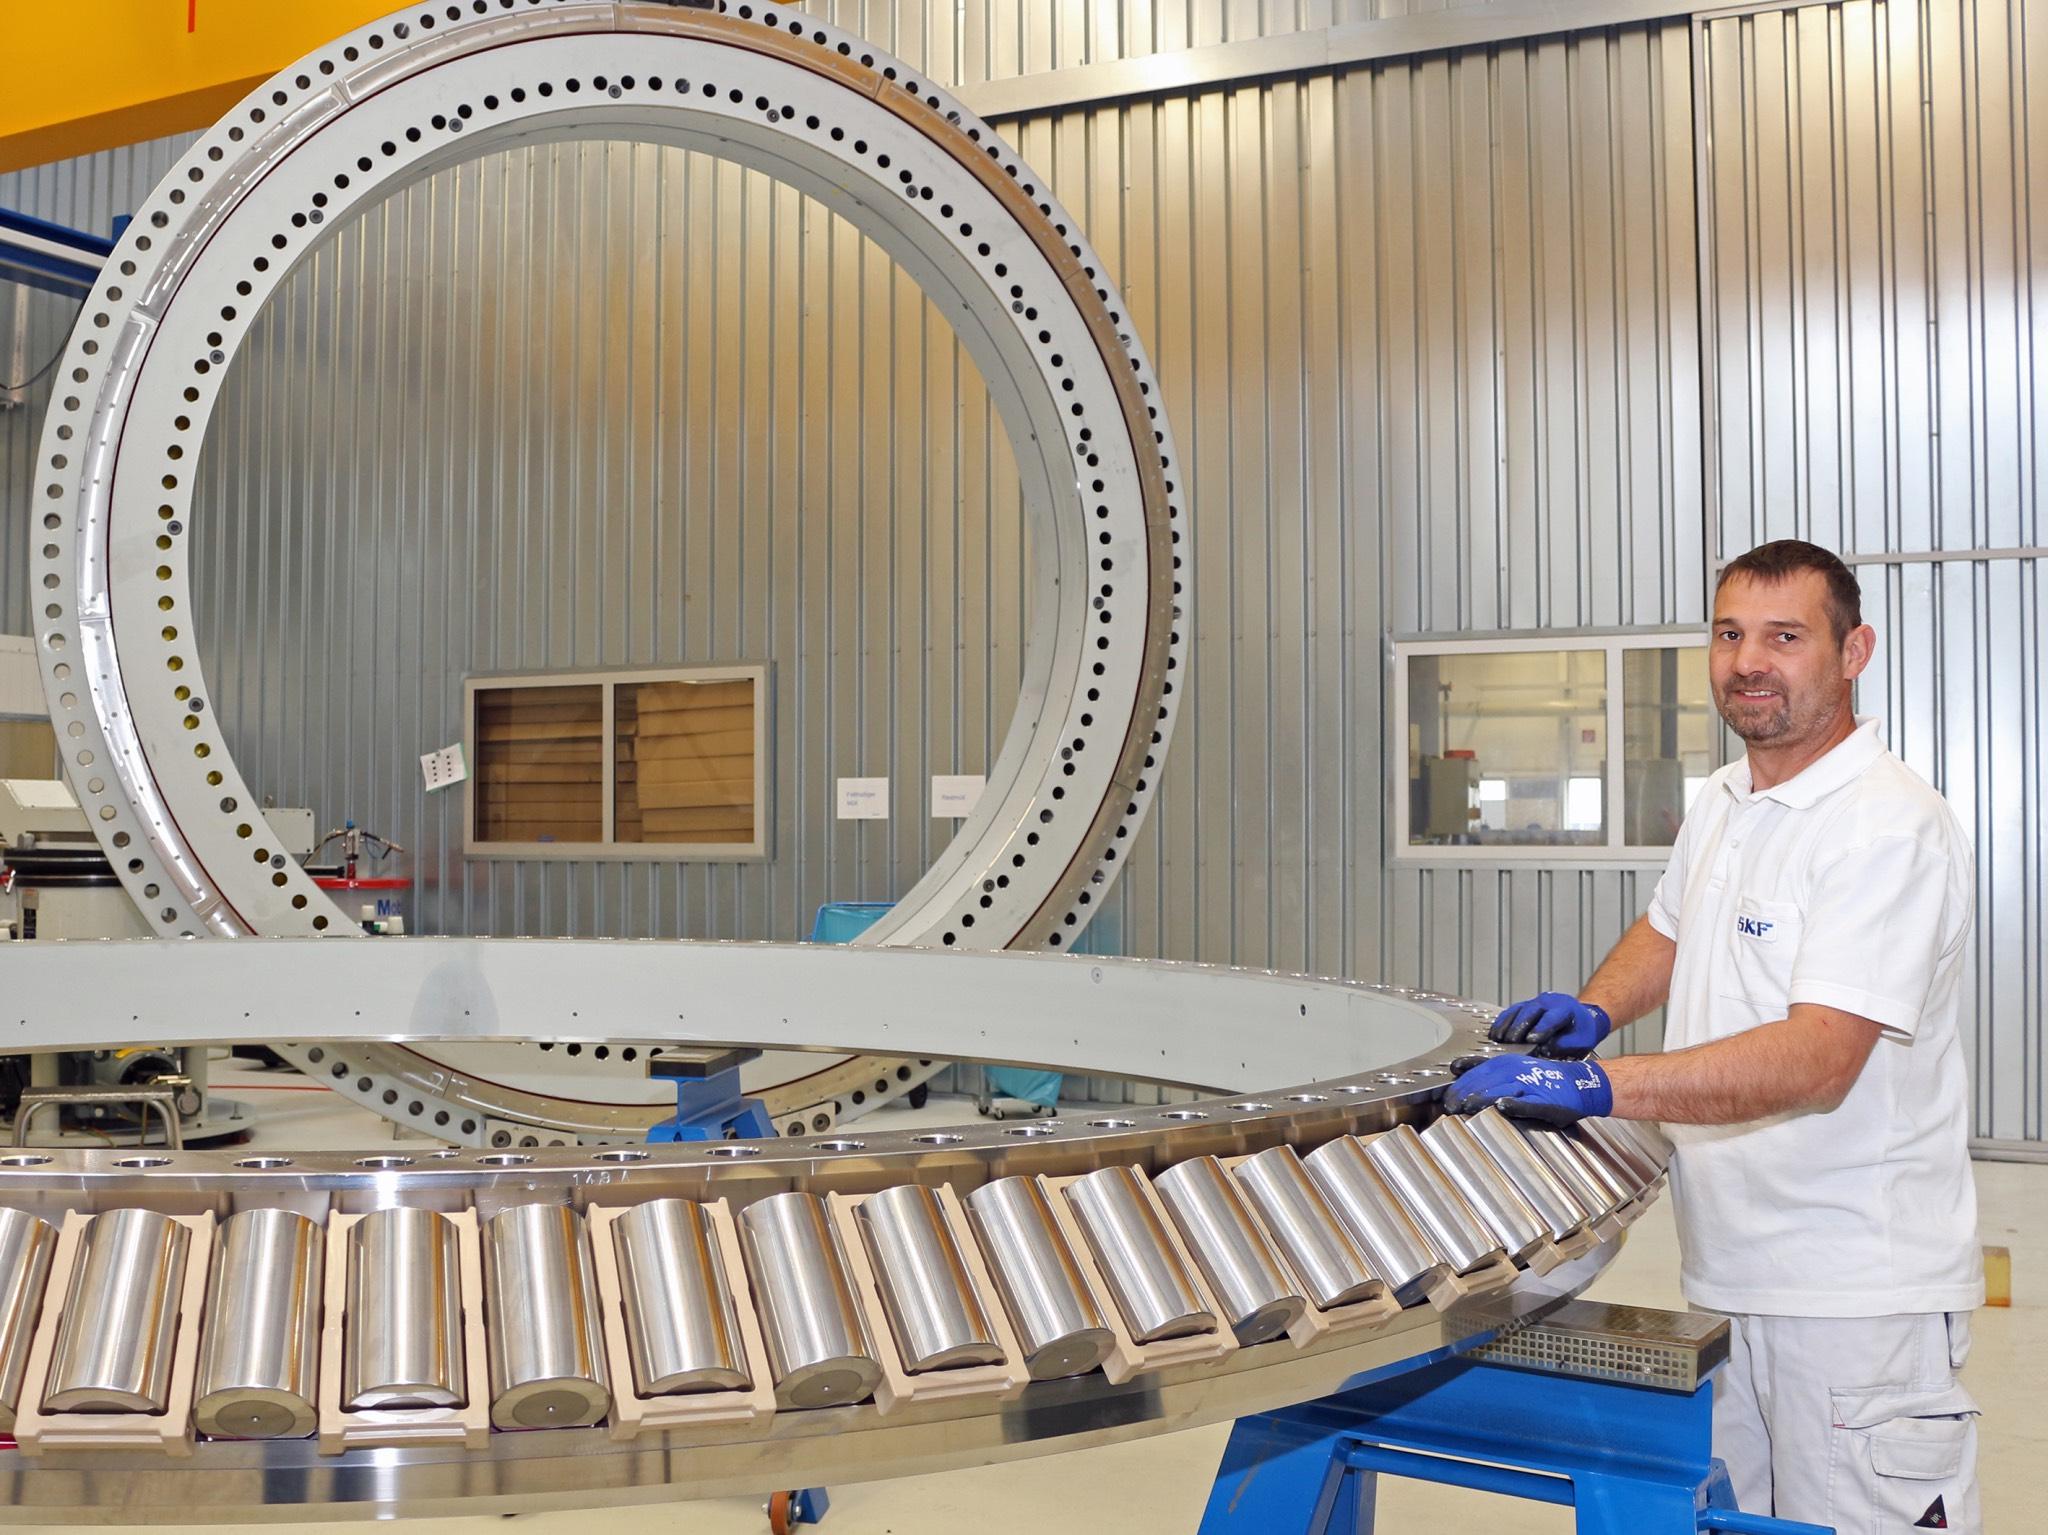 Am Standort Schweinfurt investiert SKF 11,5 Millionen Euro in eine hochmoderne Produktionslinie für Großlager-Rollen. Foto: SKF